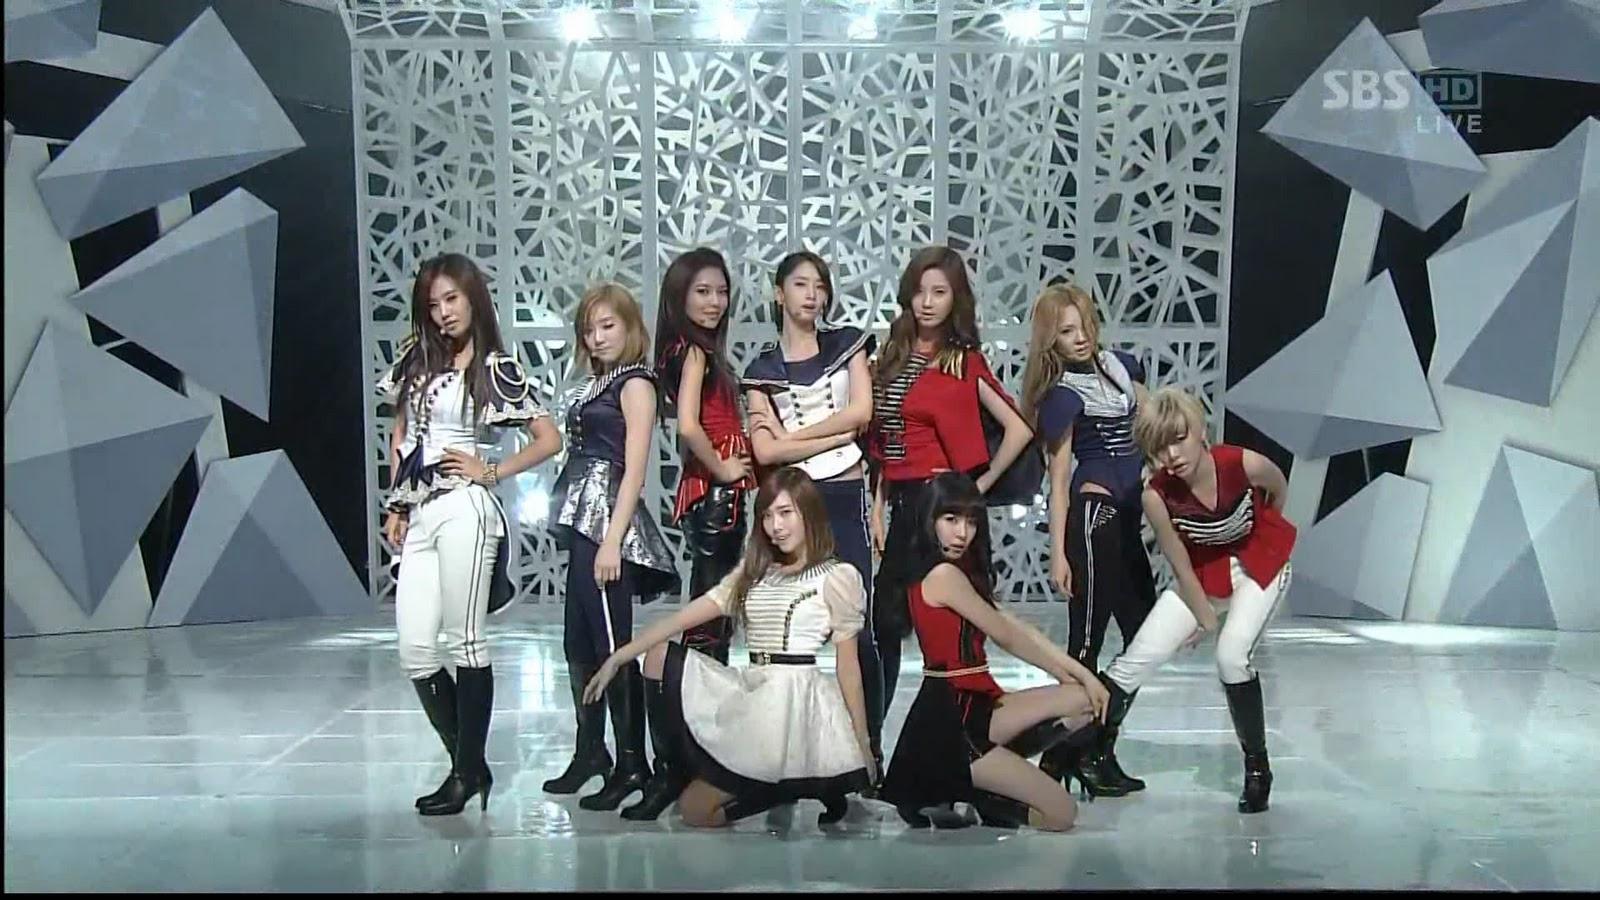 SNSD<3 The 9 goddesses